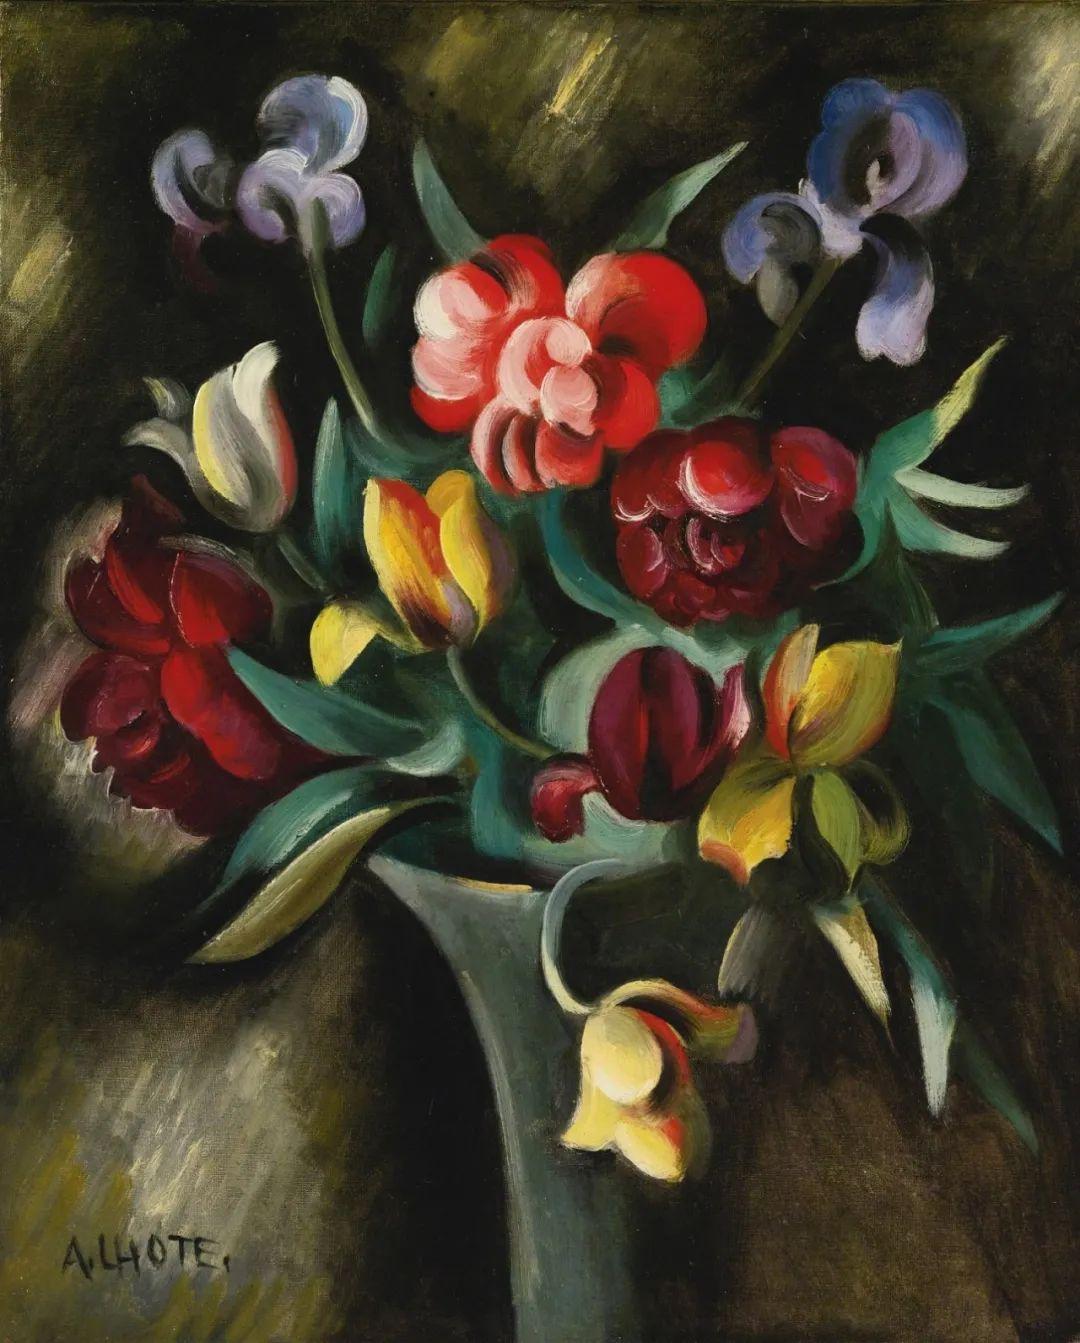 立体派,法国画家安德烈·洛特插图83